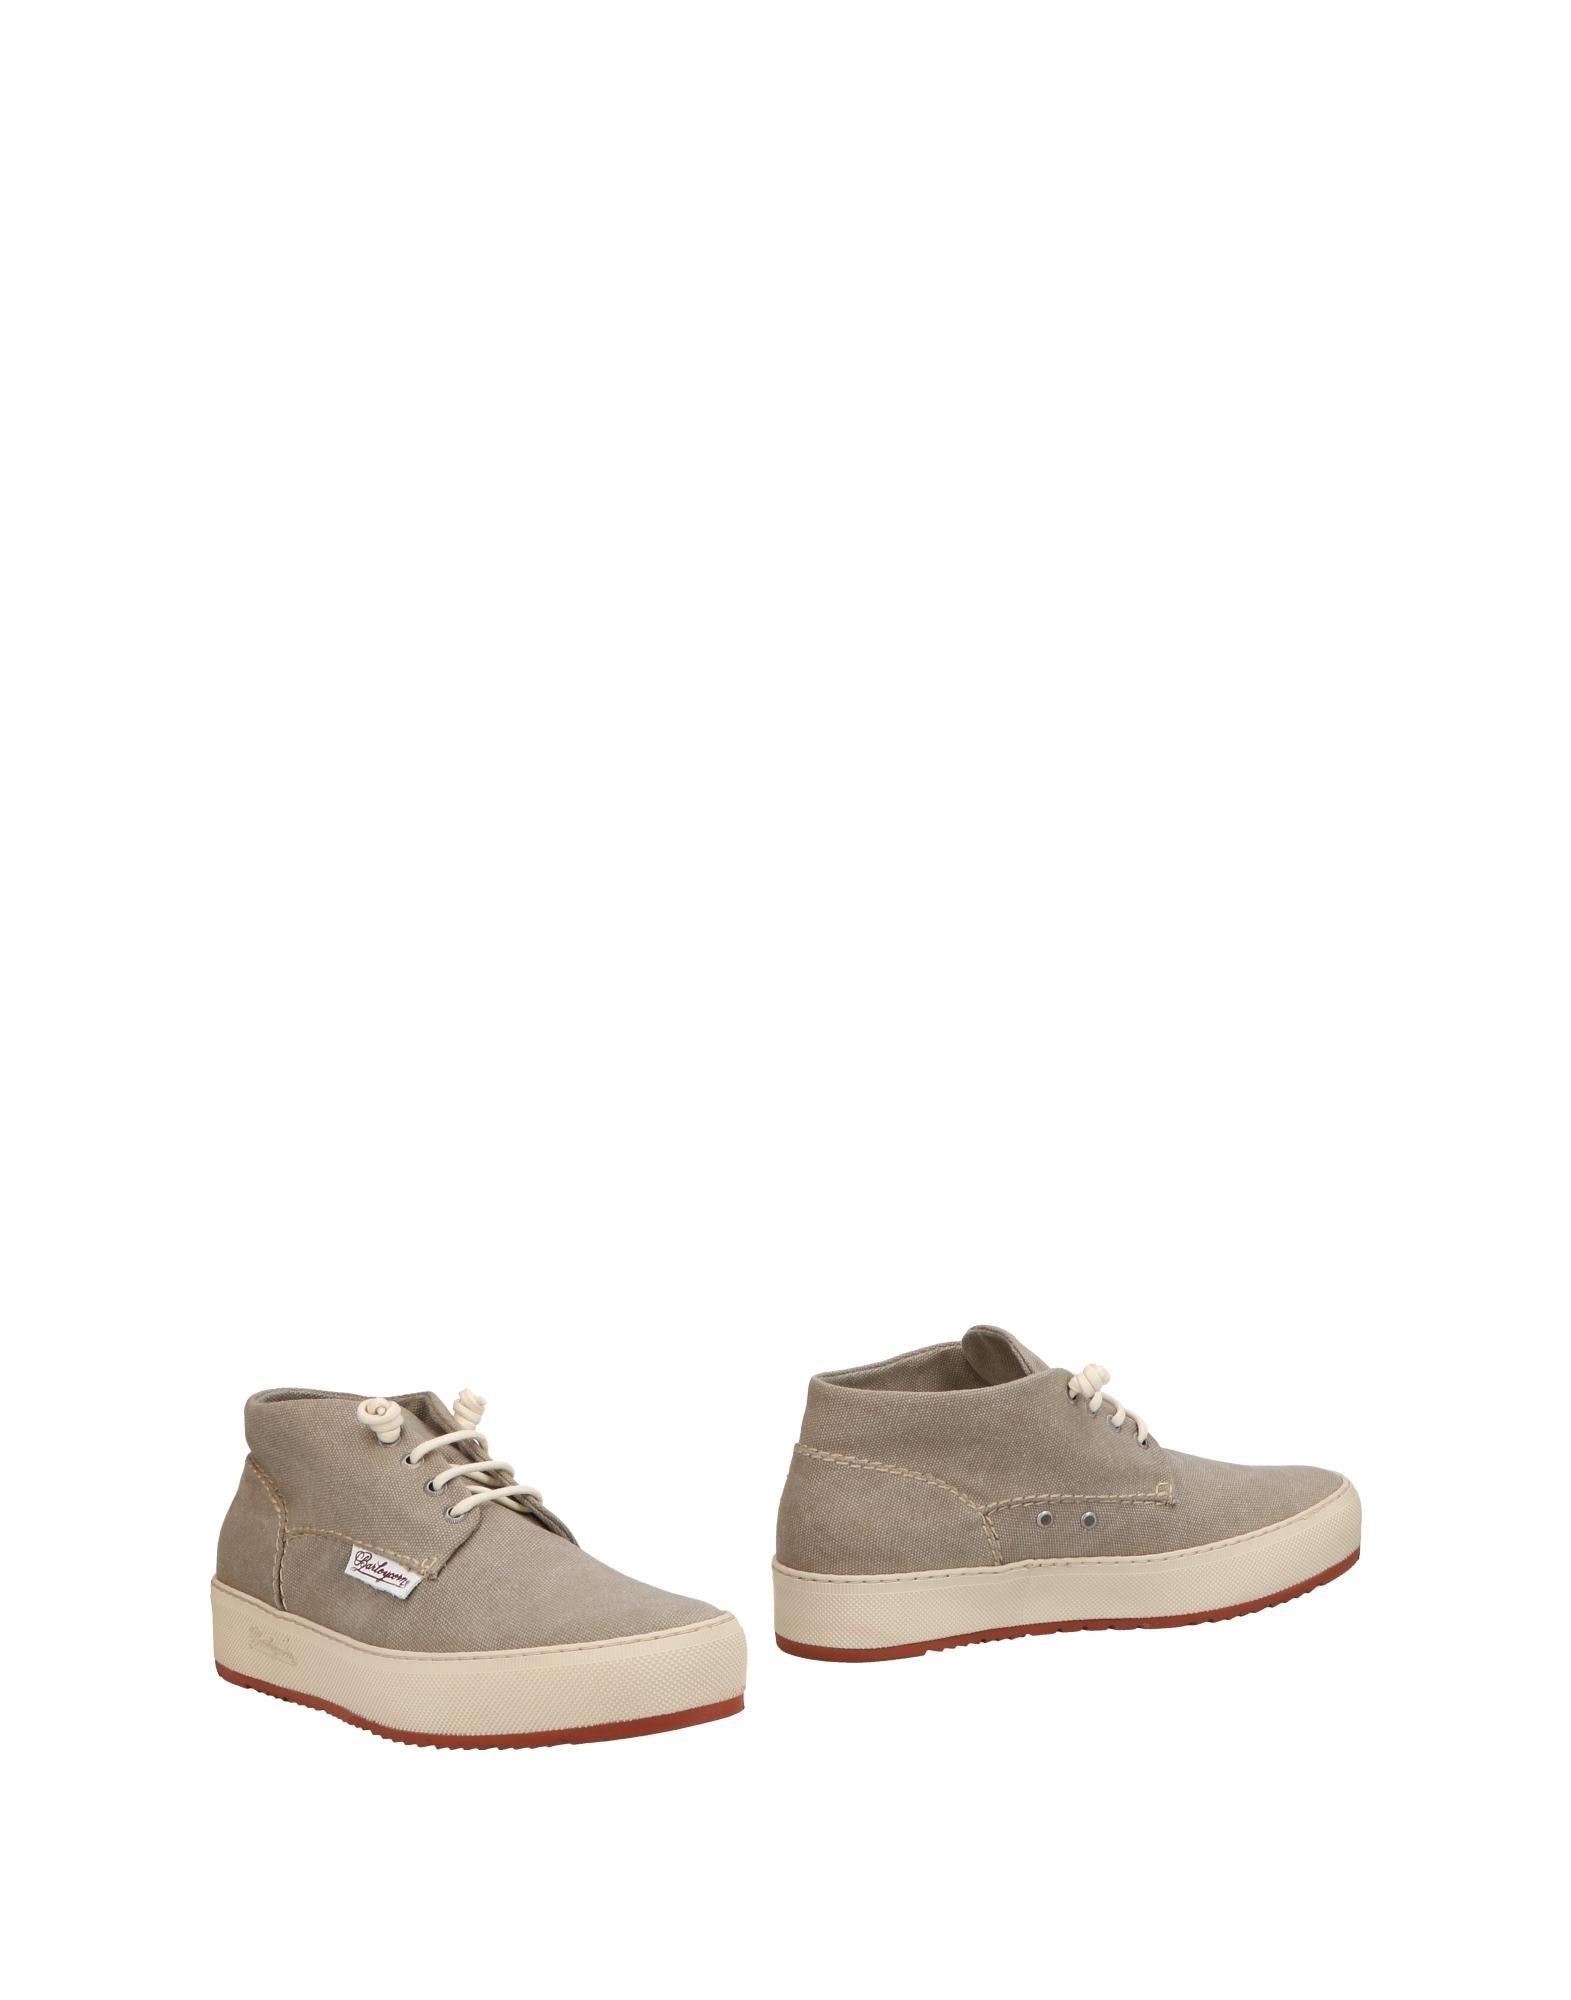 Barleycorn Stiefelette Herren  11475020GH Gute Qualität beliebte Schuhe